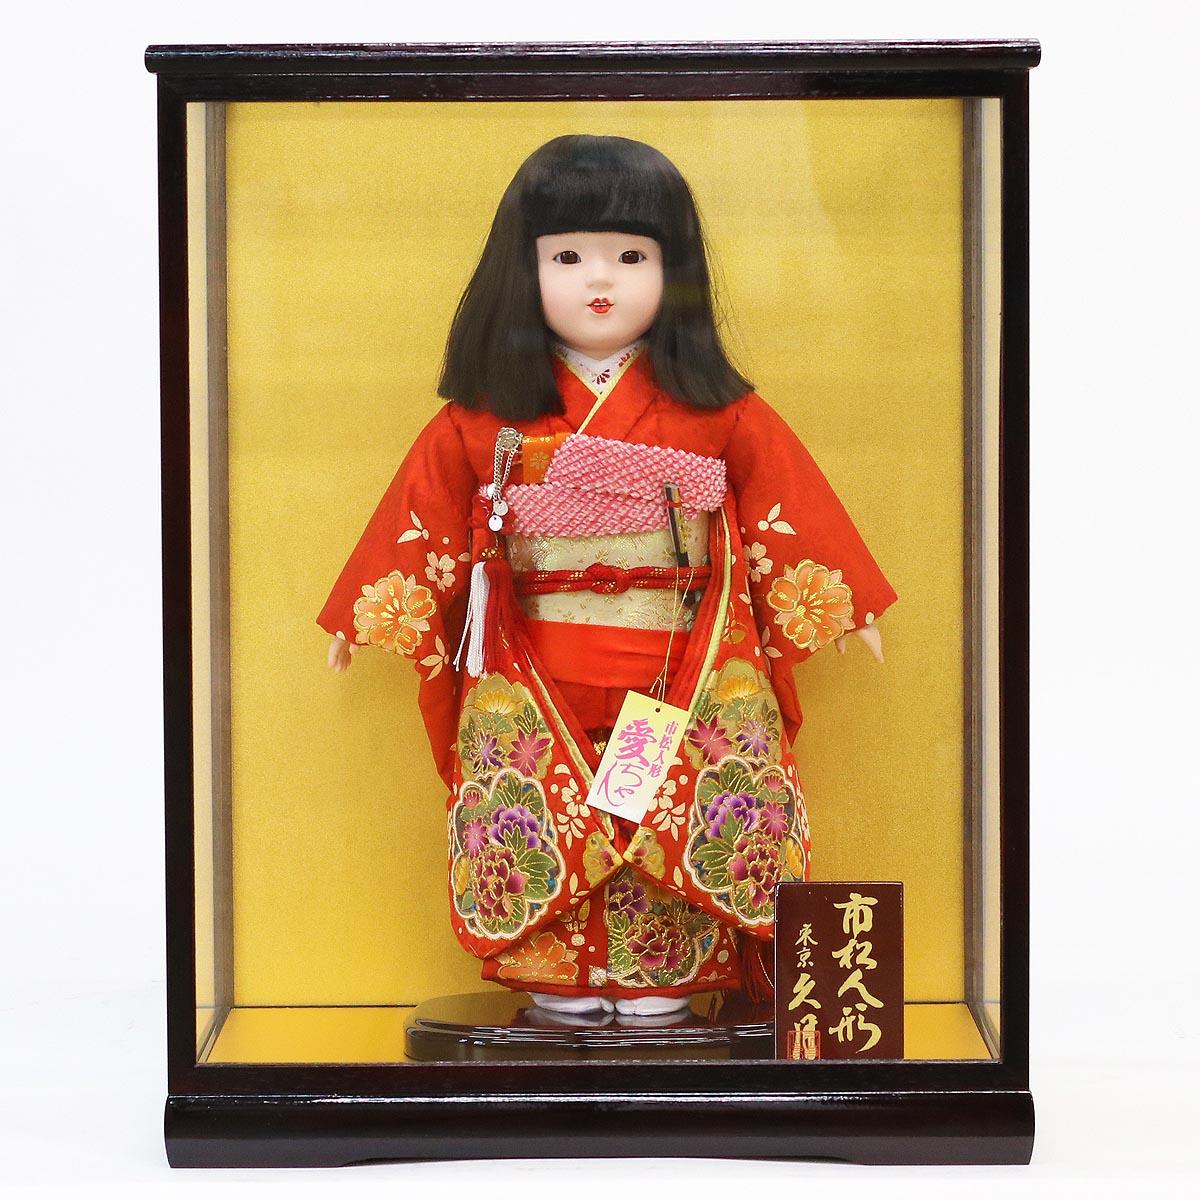 雛人形 久月 コンパクト 市松人形 久月作 市松人形 愛ちゃん 金彩 赤 ケース入り (HB45) 市松 ICQ-K10047G-1-C (HB45)ひな人形 かわいい おしゃれ インテリア ひな人形 小さい ミニ